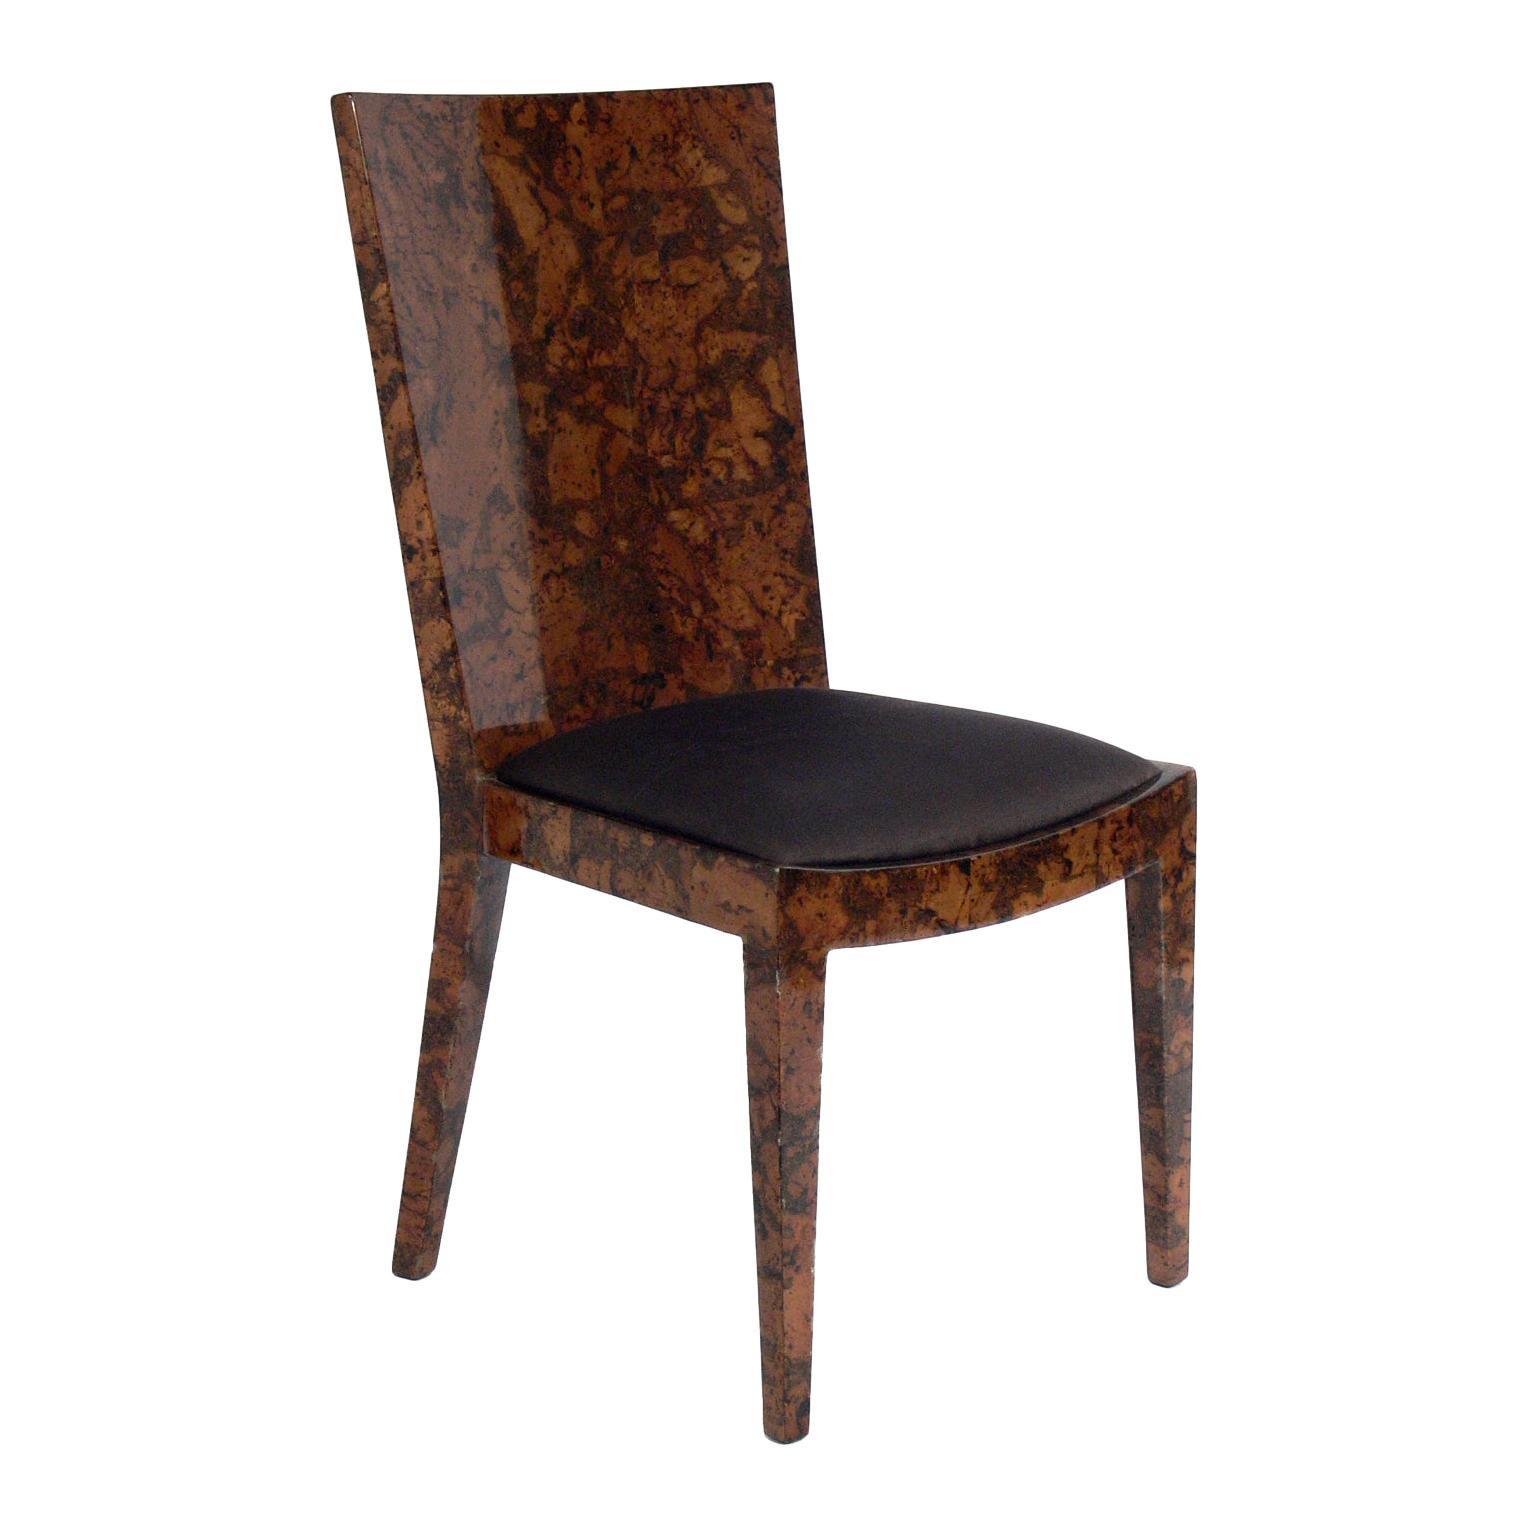 Karl Springer Lacquered Shell JMF Chair